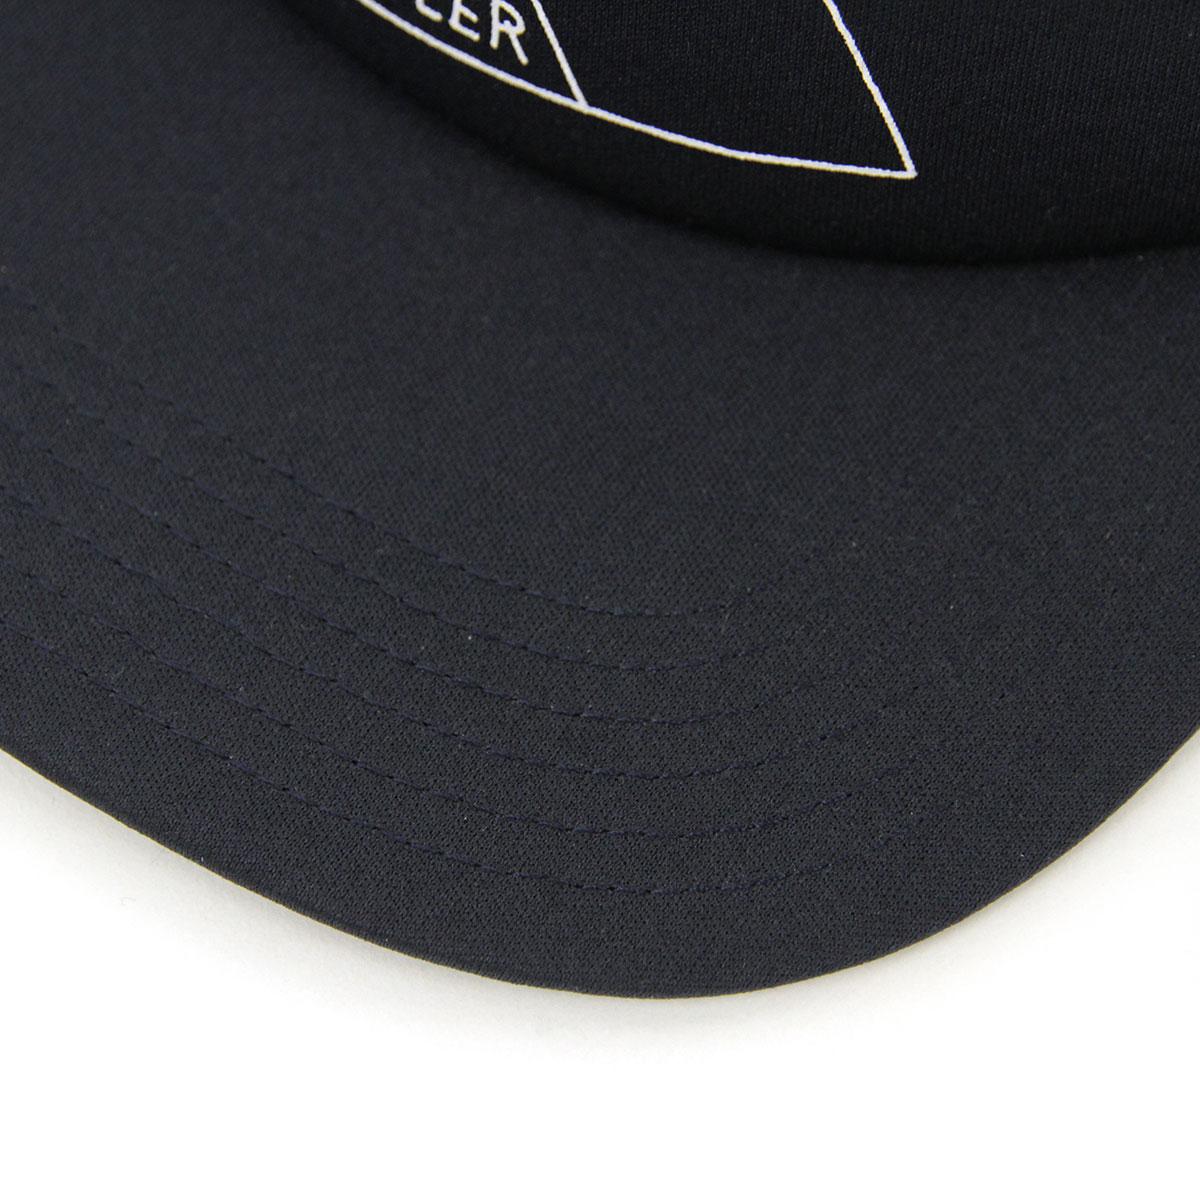 ポーラー POLER 正規販売店 キャップ 帽子 VENN DIAGRAM MESH TRUKER CAP 55300006-NVY NAVY A79B B3C C3D D4E E06F